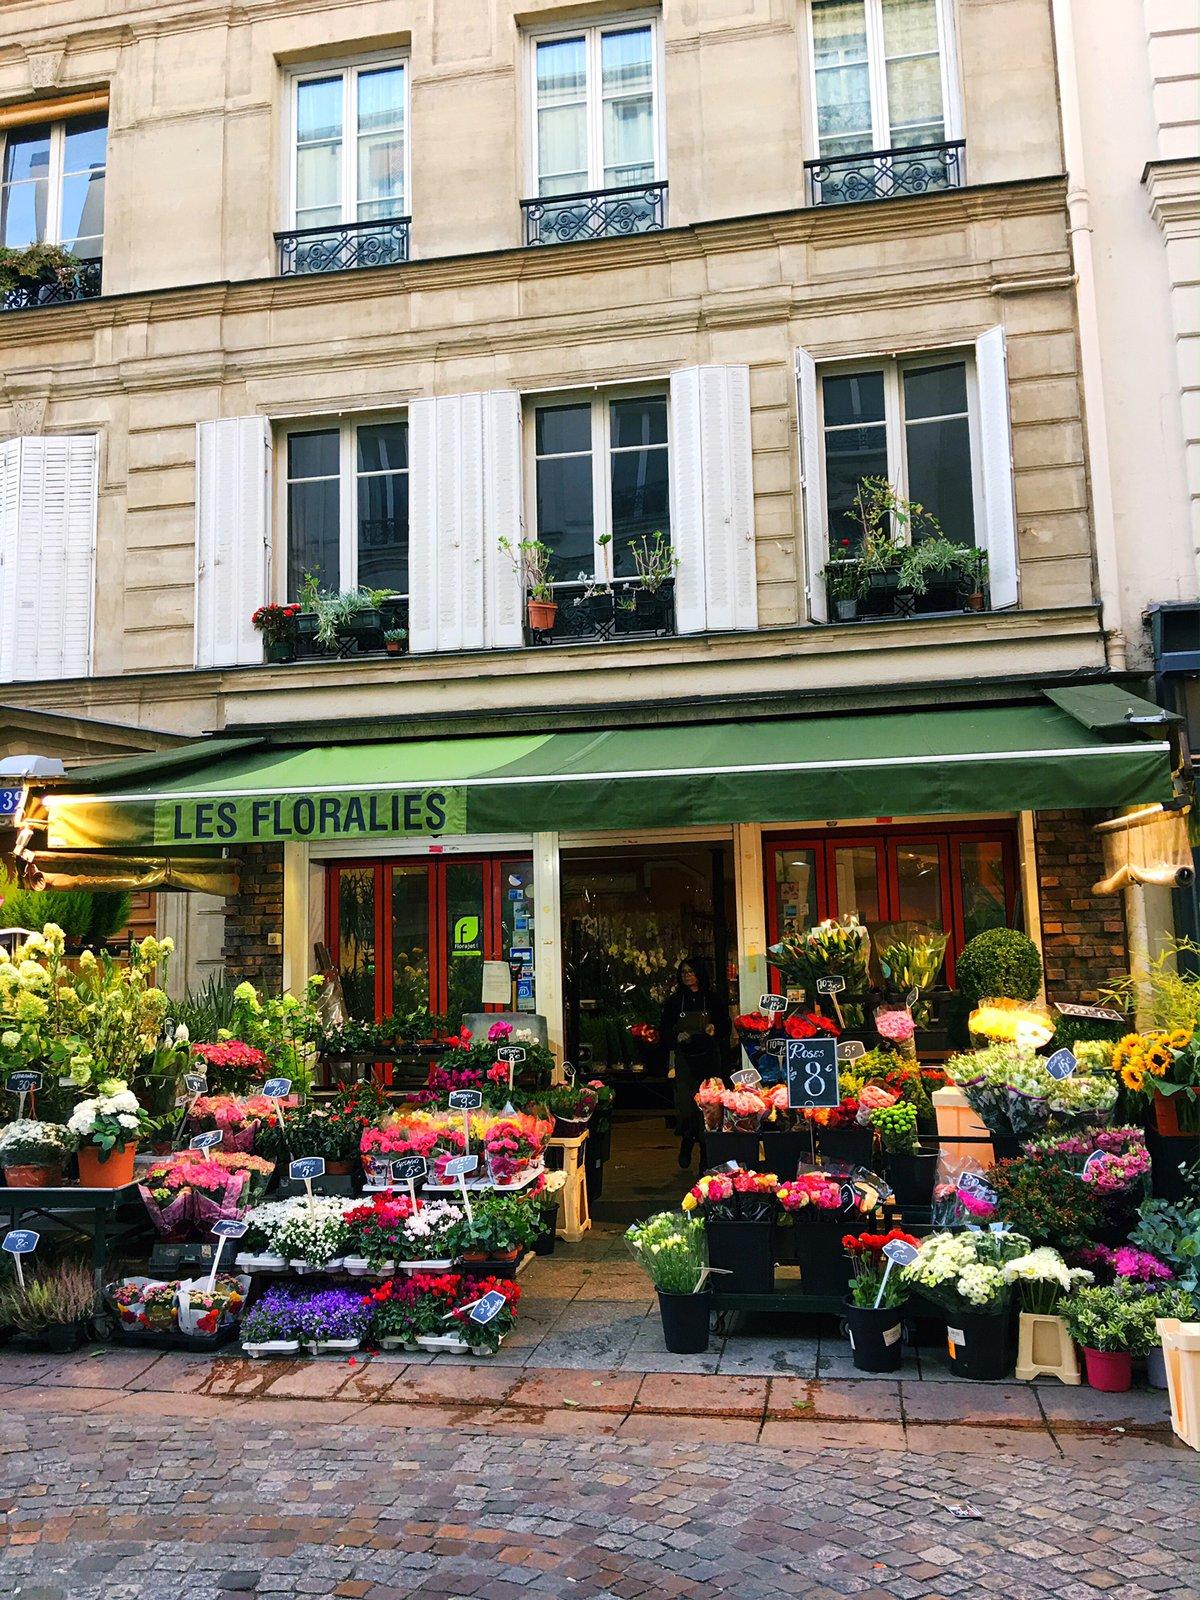 Rue Cler Les Floralies